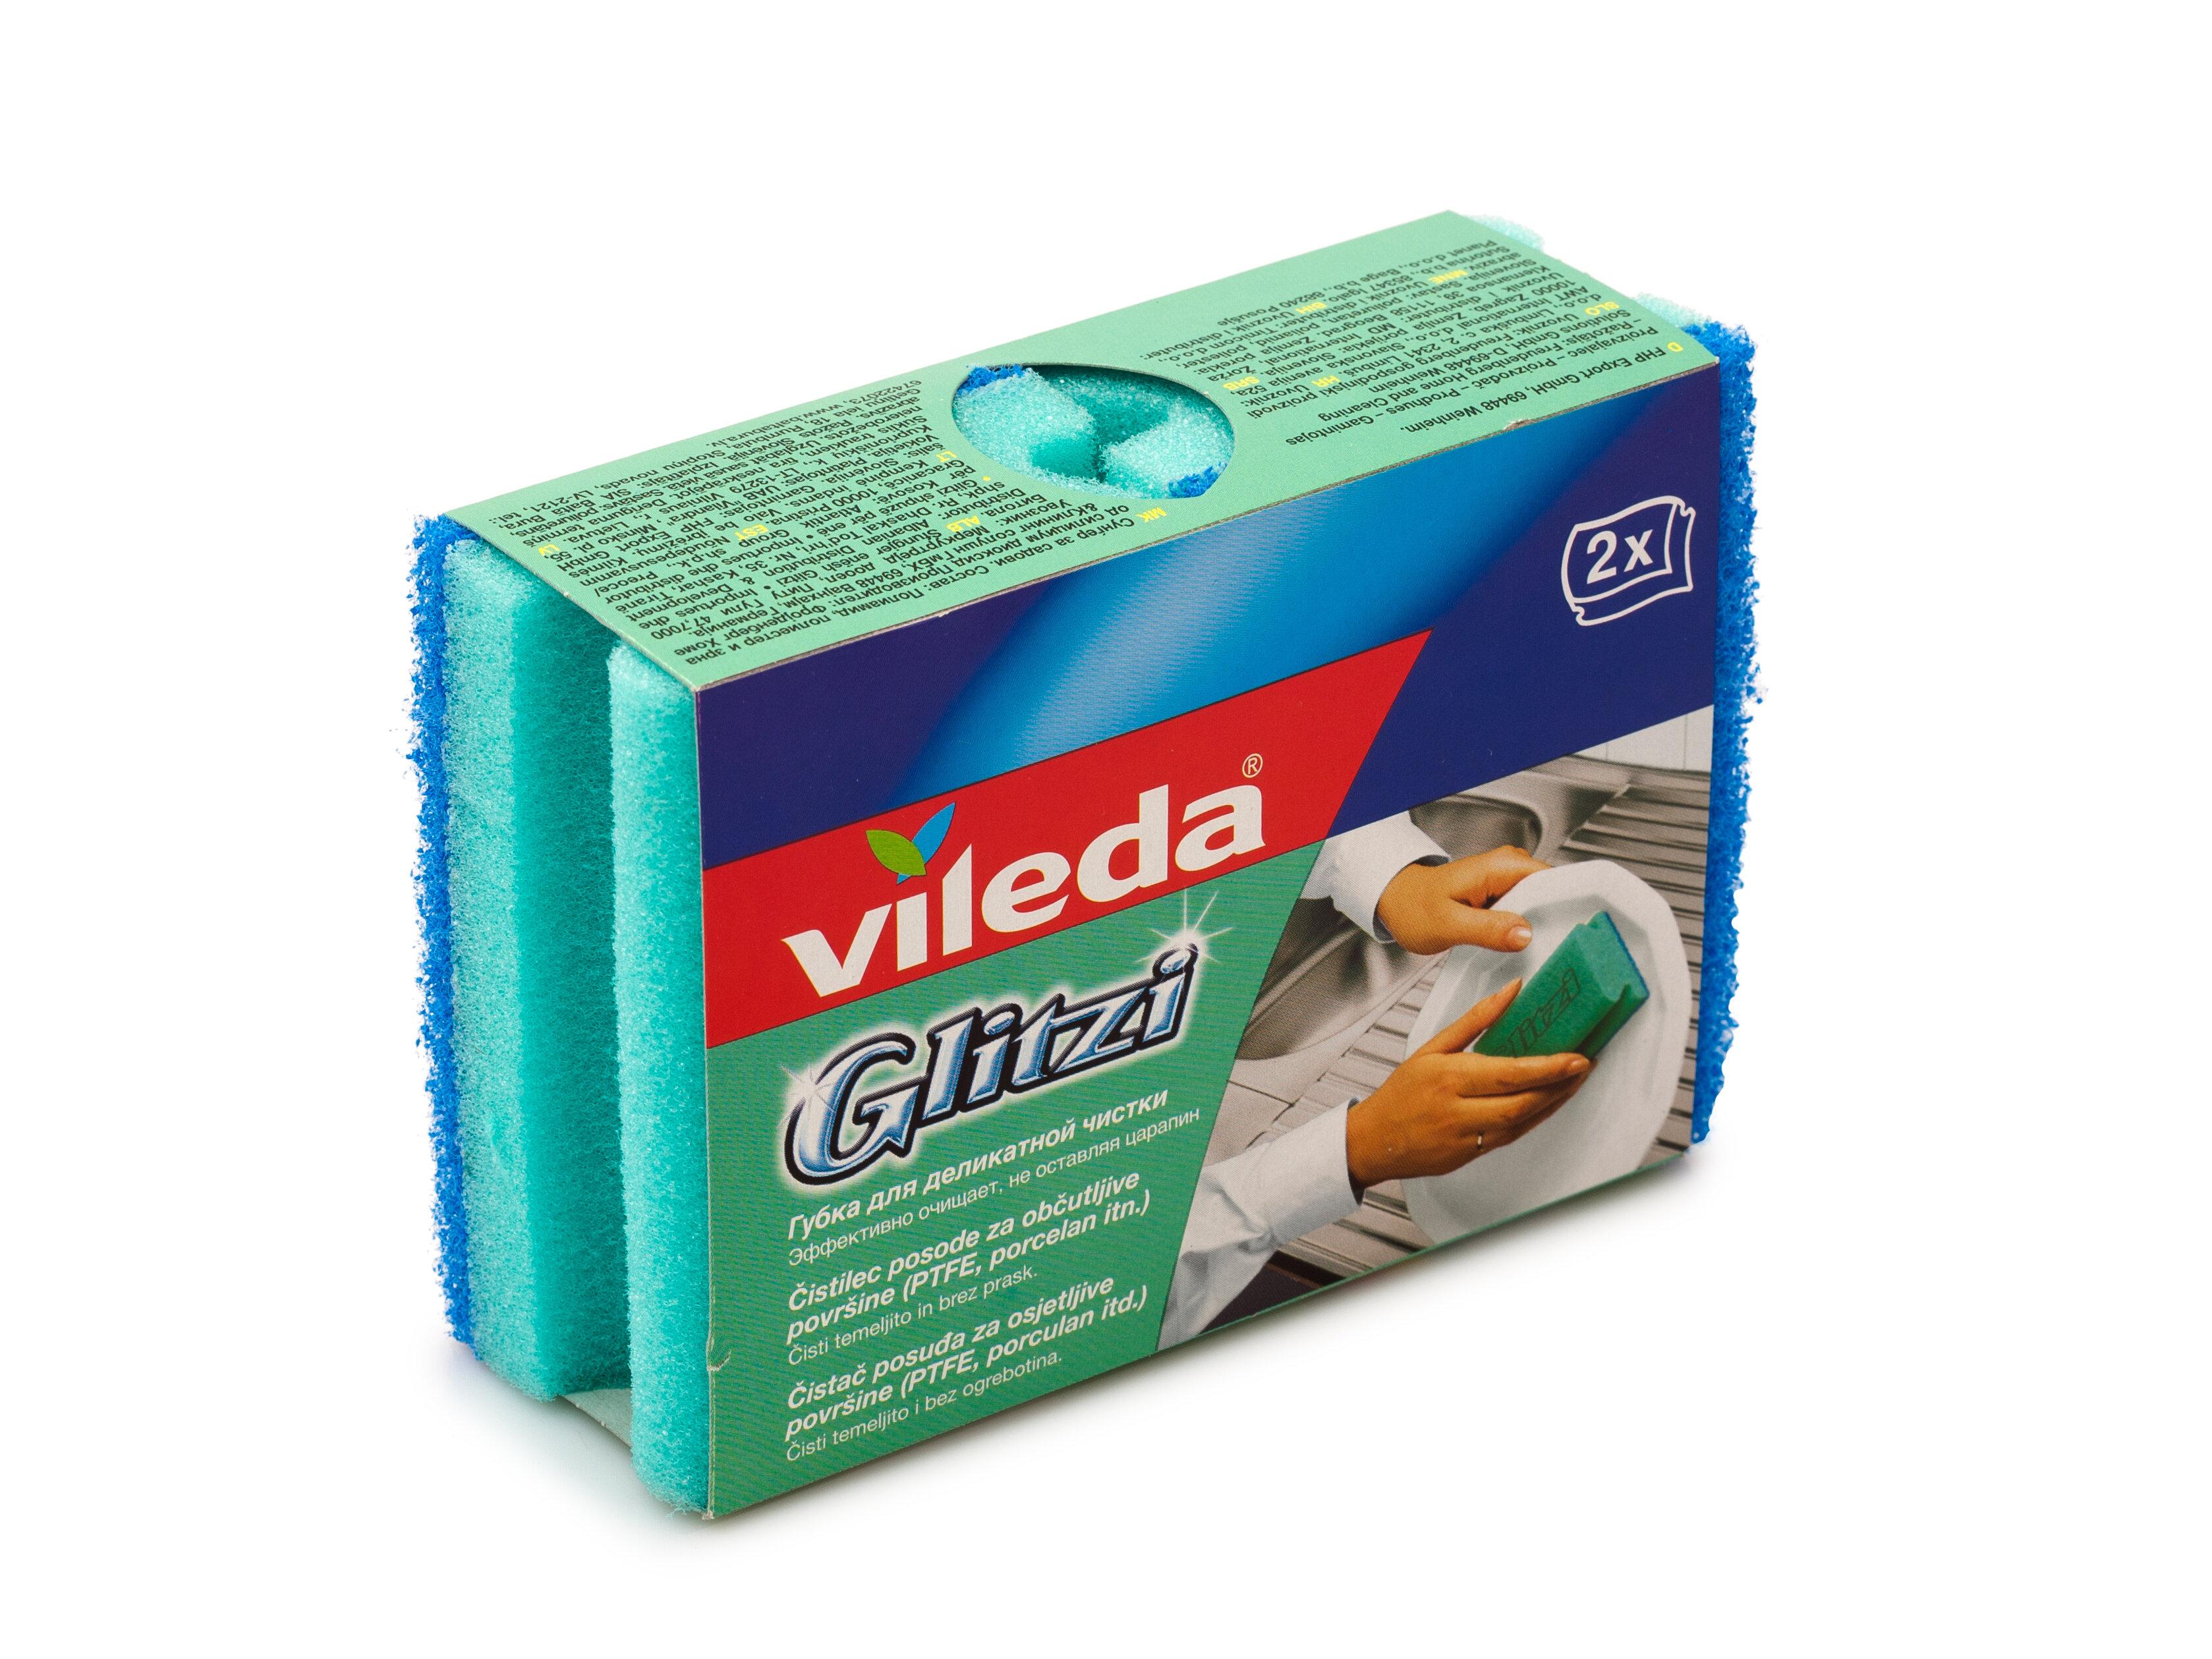 ВИЛЕДА Губка для посуды Глитци 2 шт.